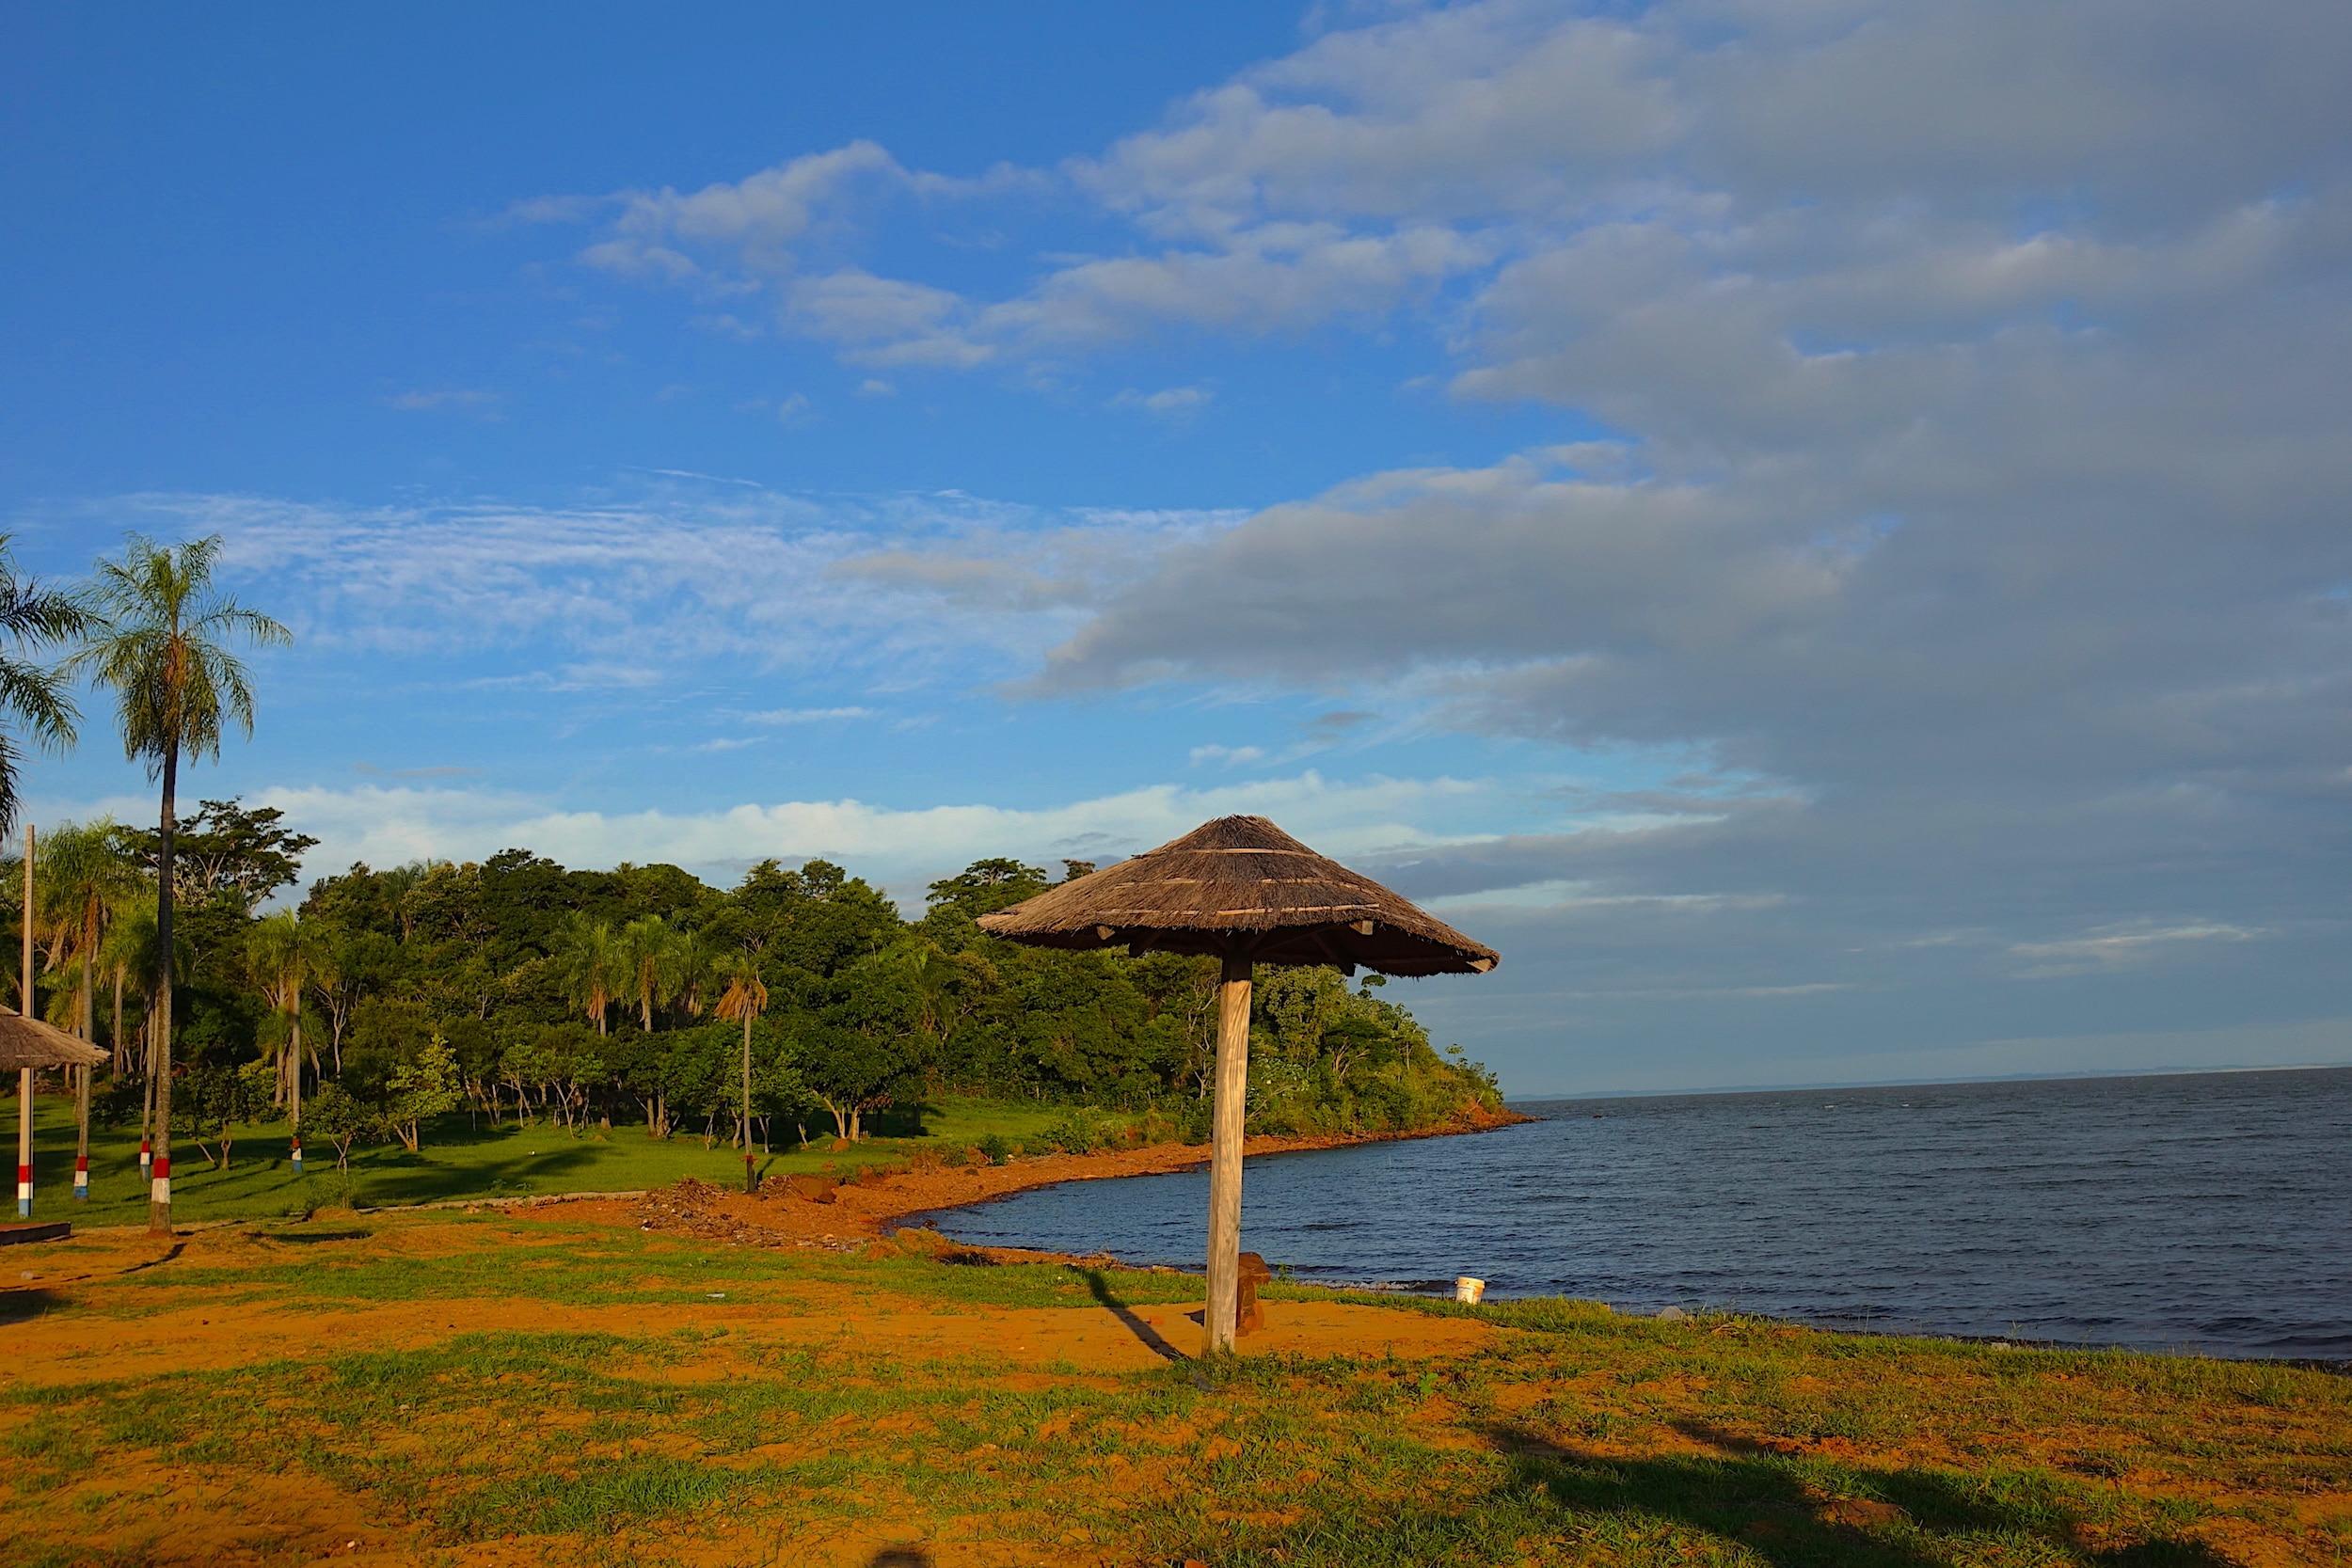 Nach Paraguay Auswandern Mit Grundstücken Wie Am Meer